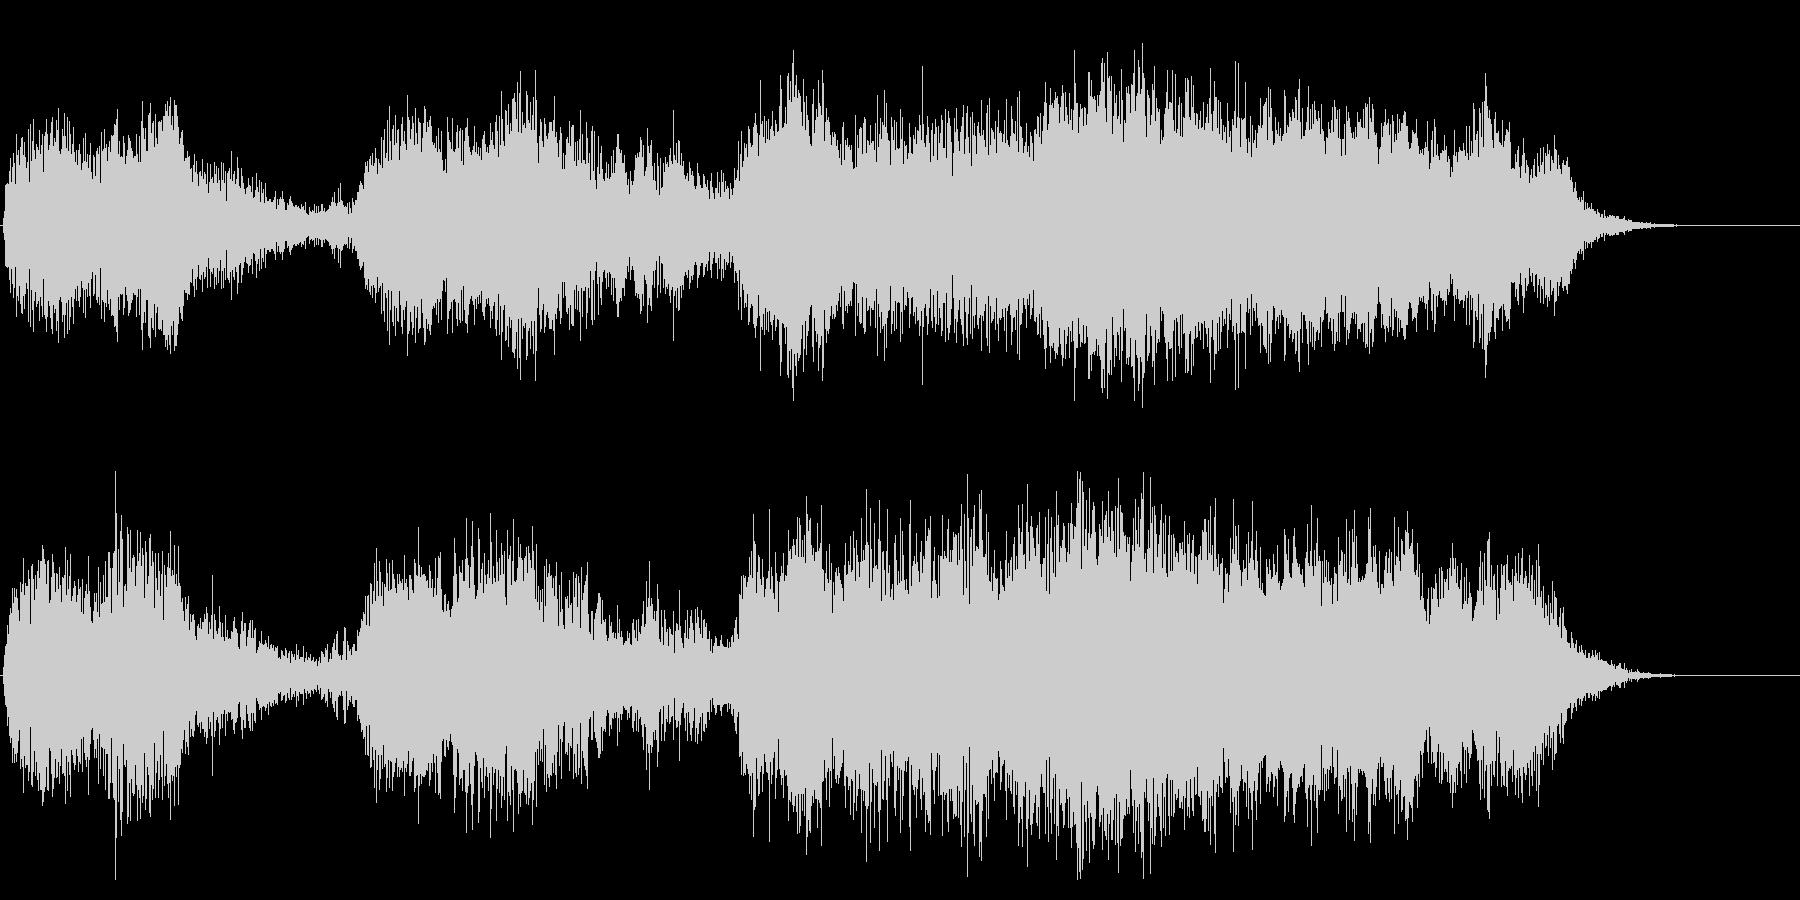 ハロウィン系 恐怖系のジングル オルガンの未再生の波形